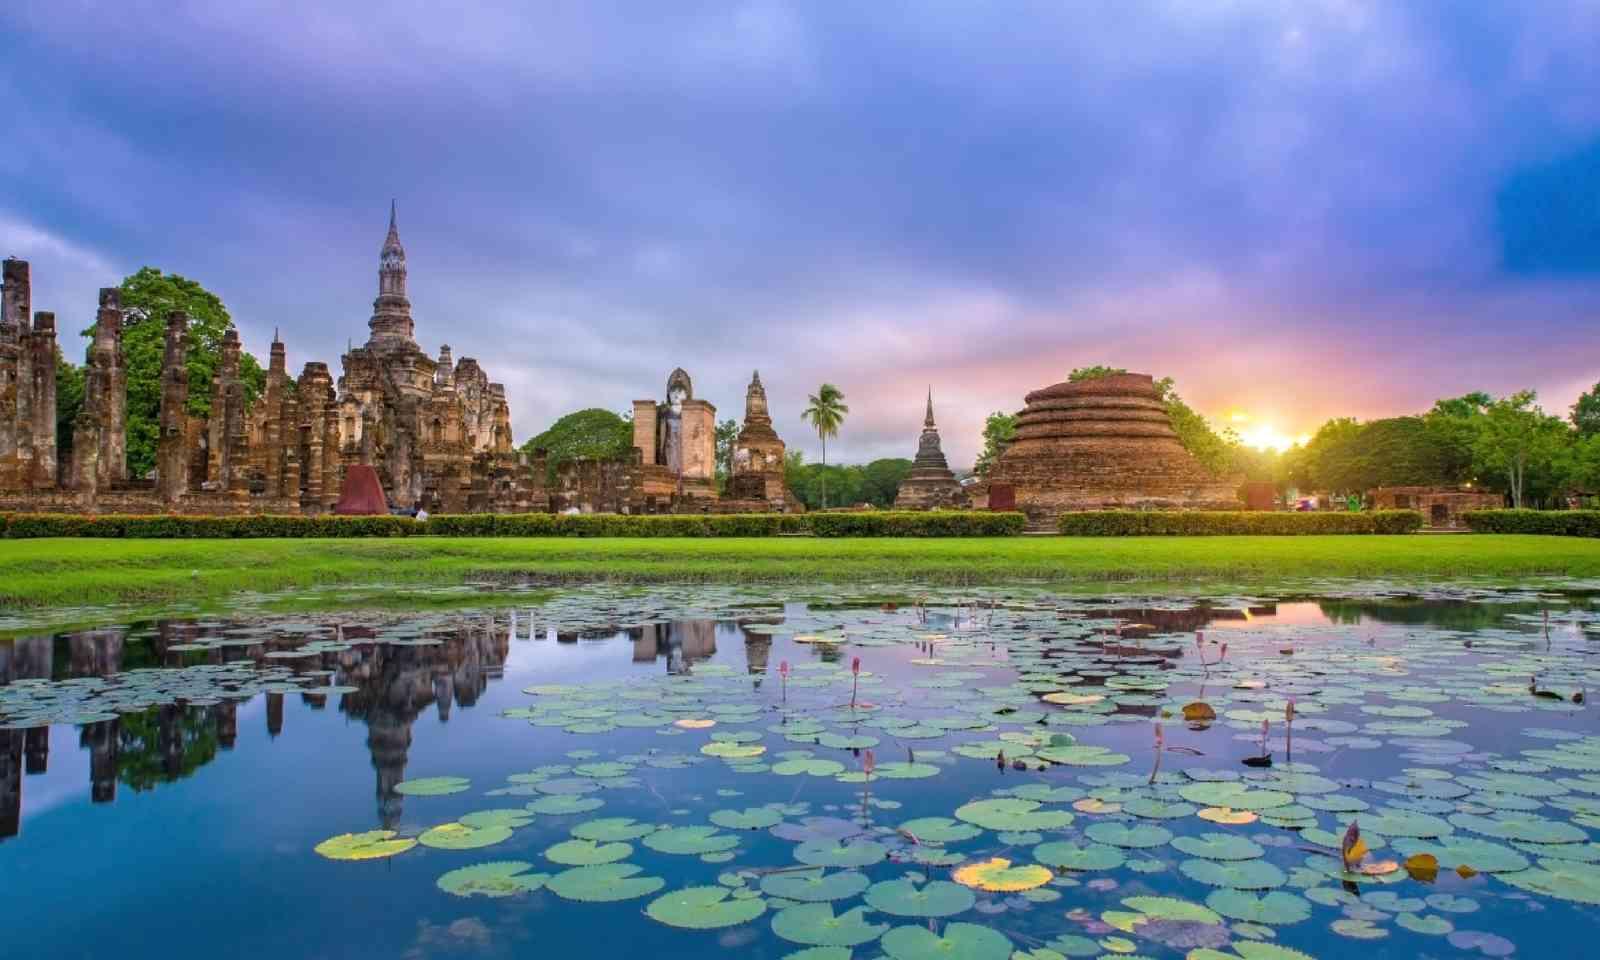 Sukhothai historical park Thailand (Shutterstock)